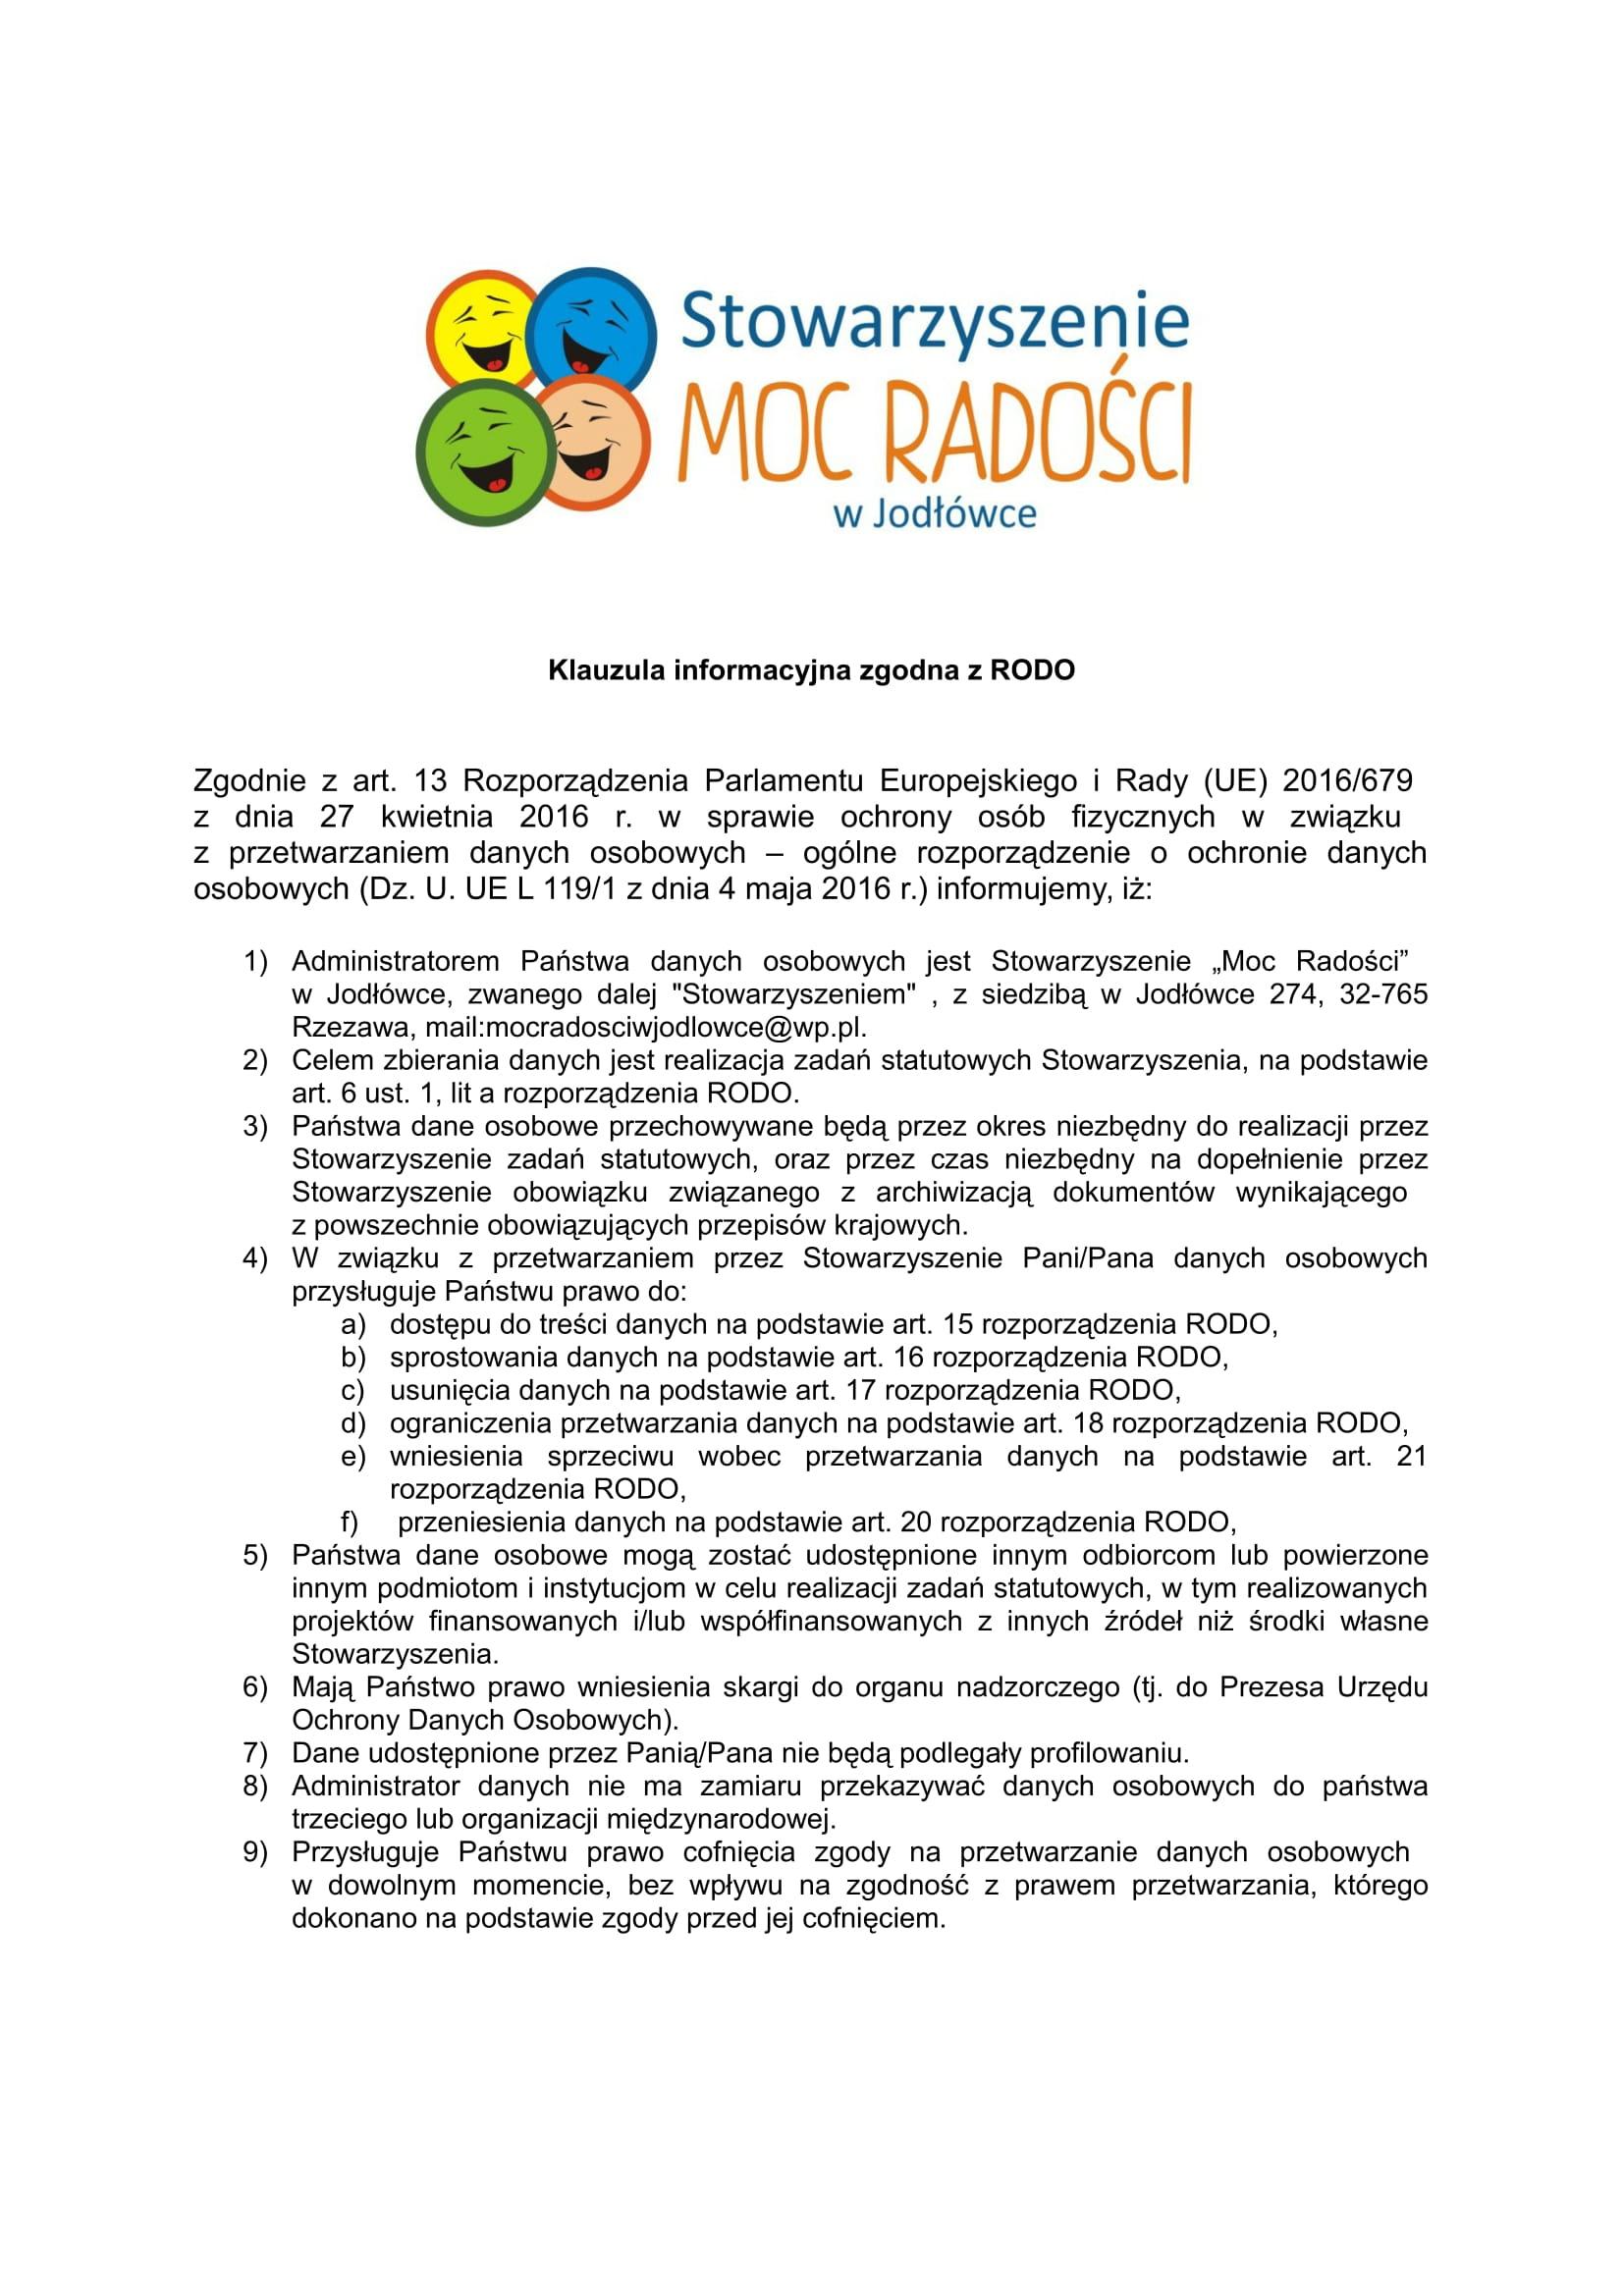 Klauzula informacyjna zgodna z RODO ogólna-1